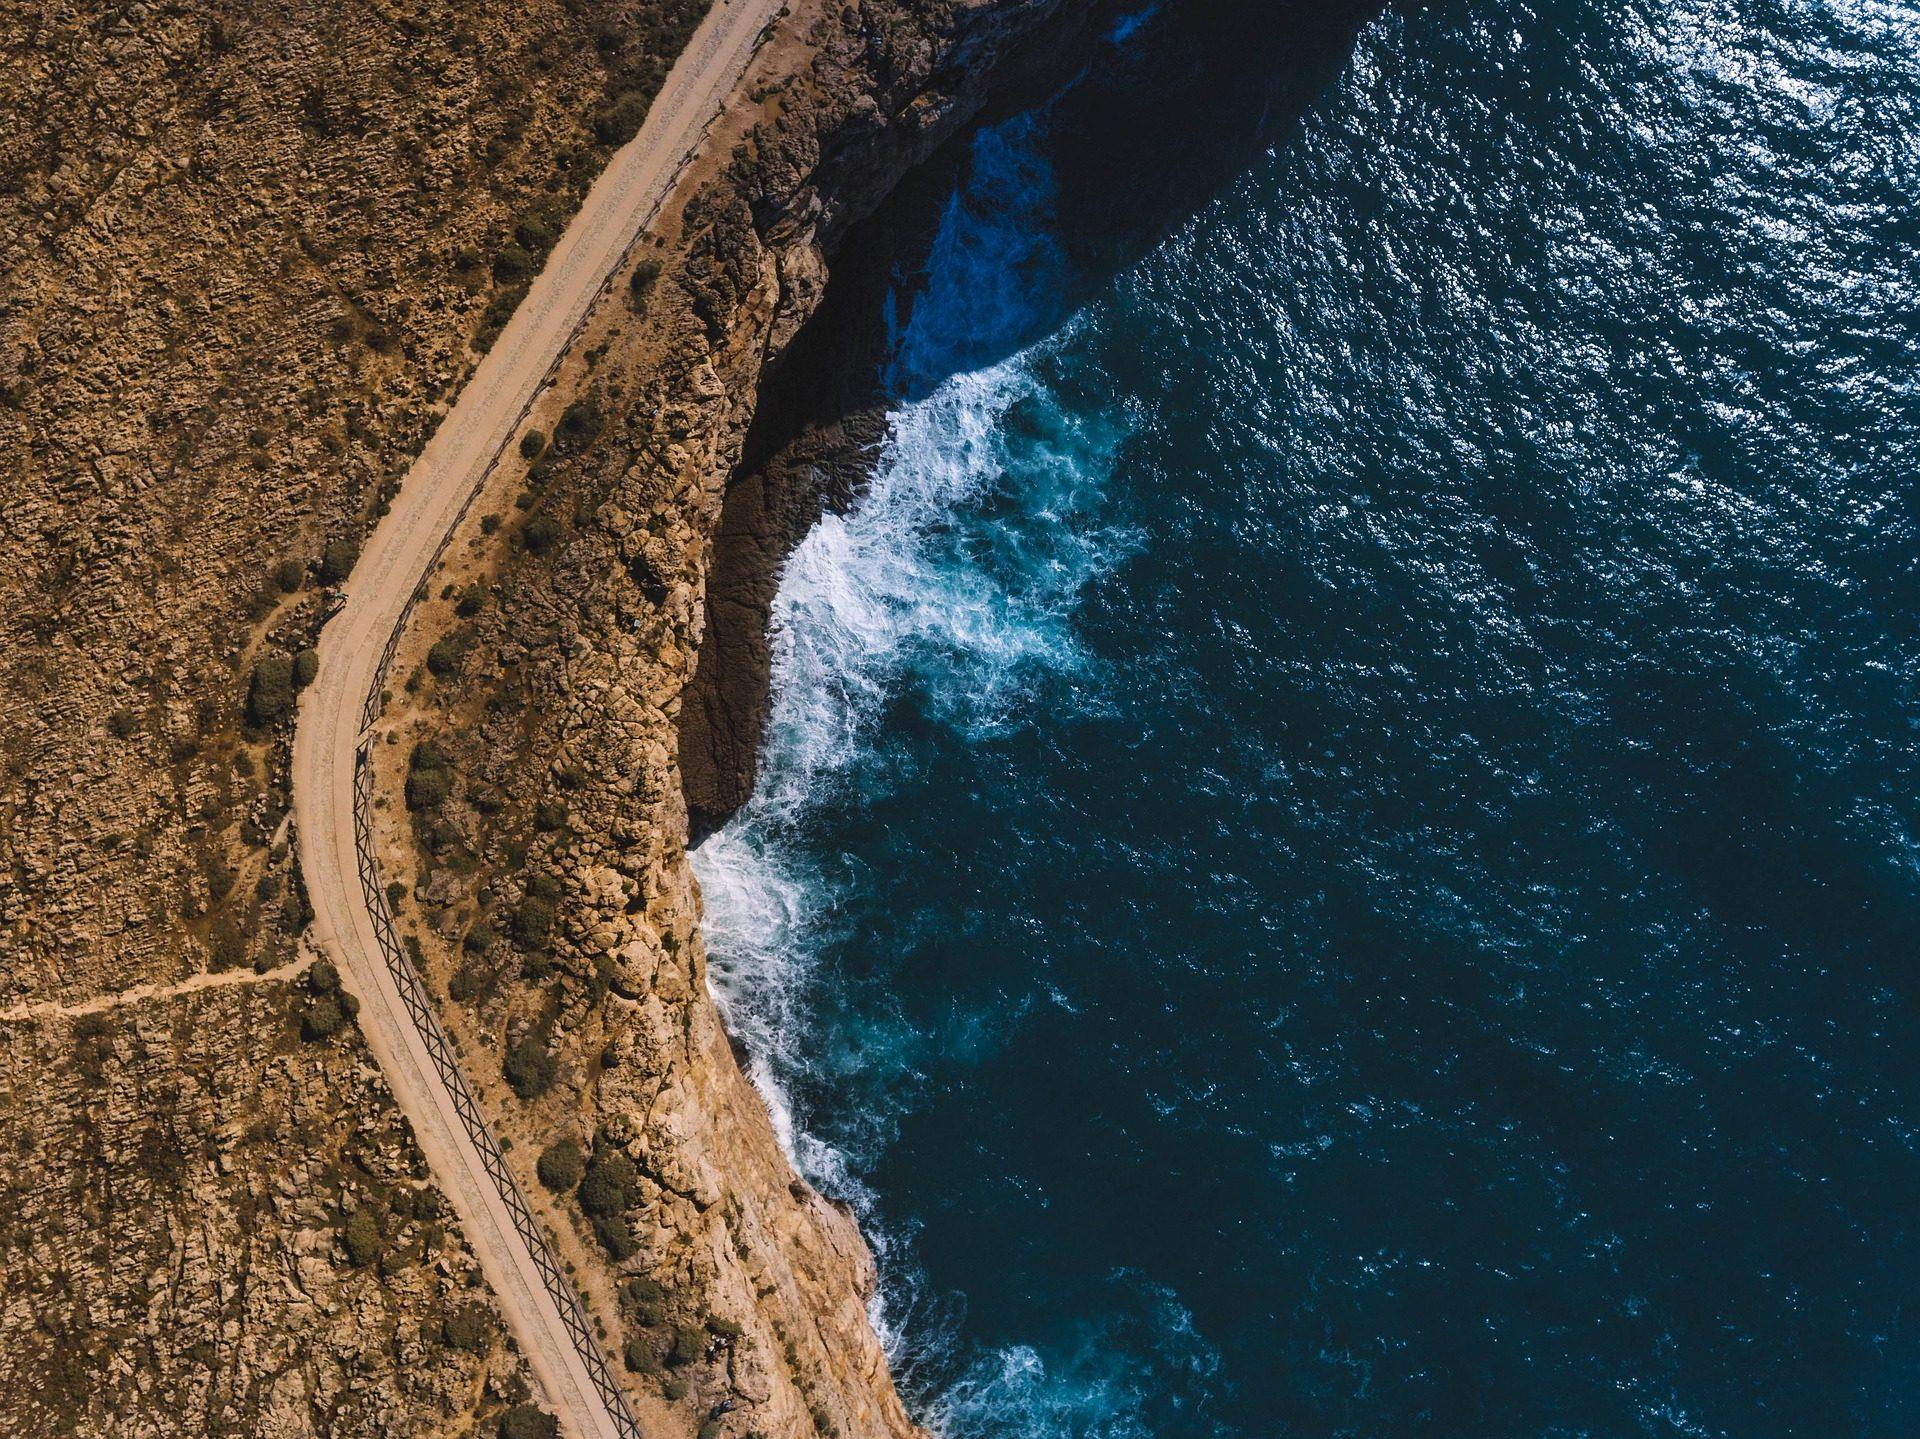 البحر, المحيط, الشاطئ, الطريق, المنحدرات, الأرض - خلفيات عالية الدقة - أستاذ falken.com